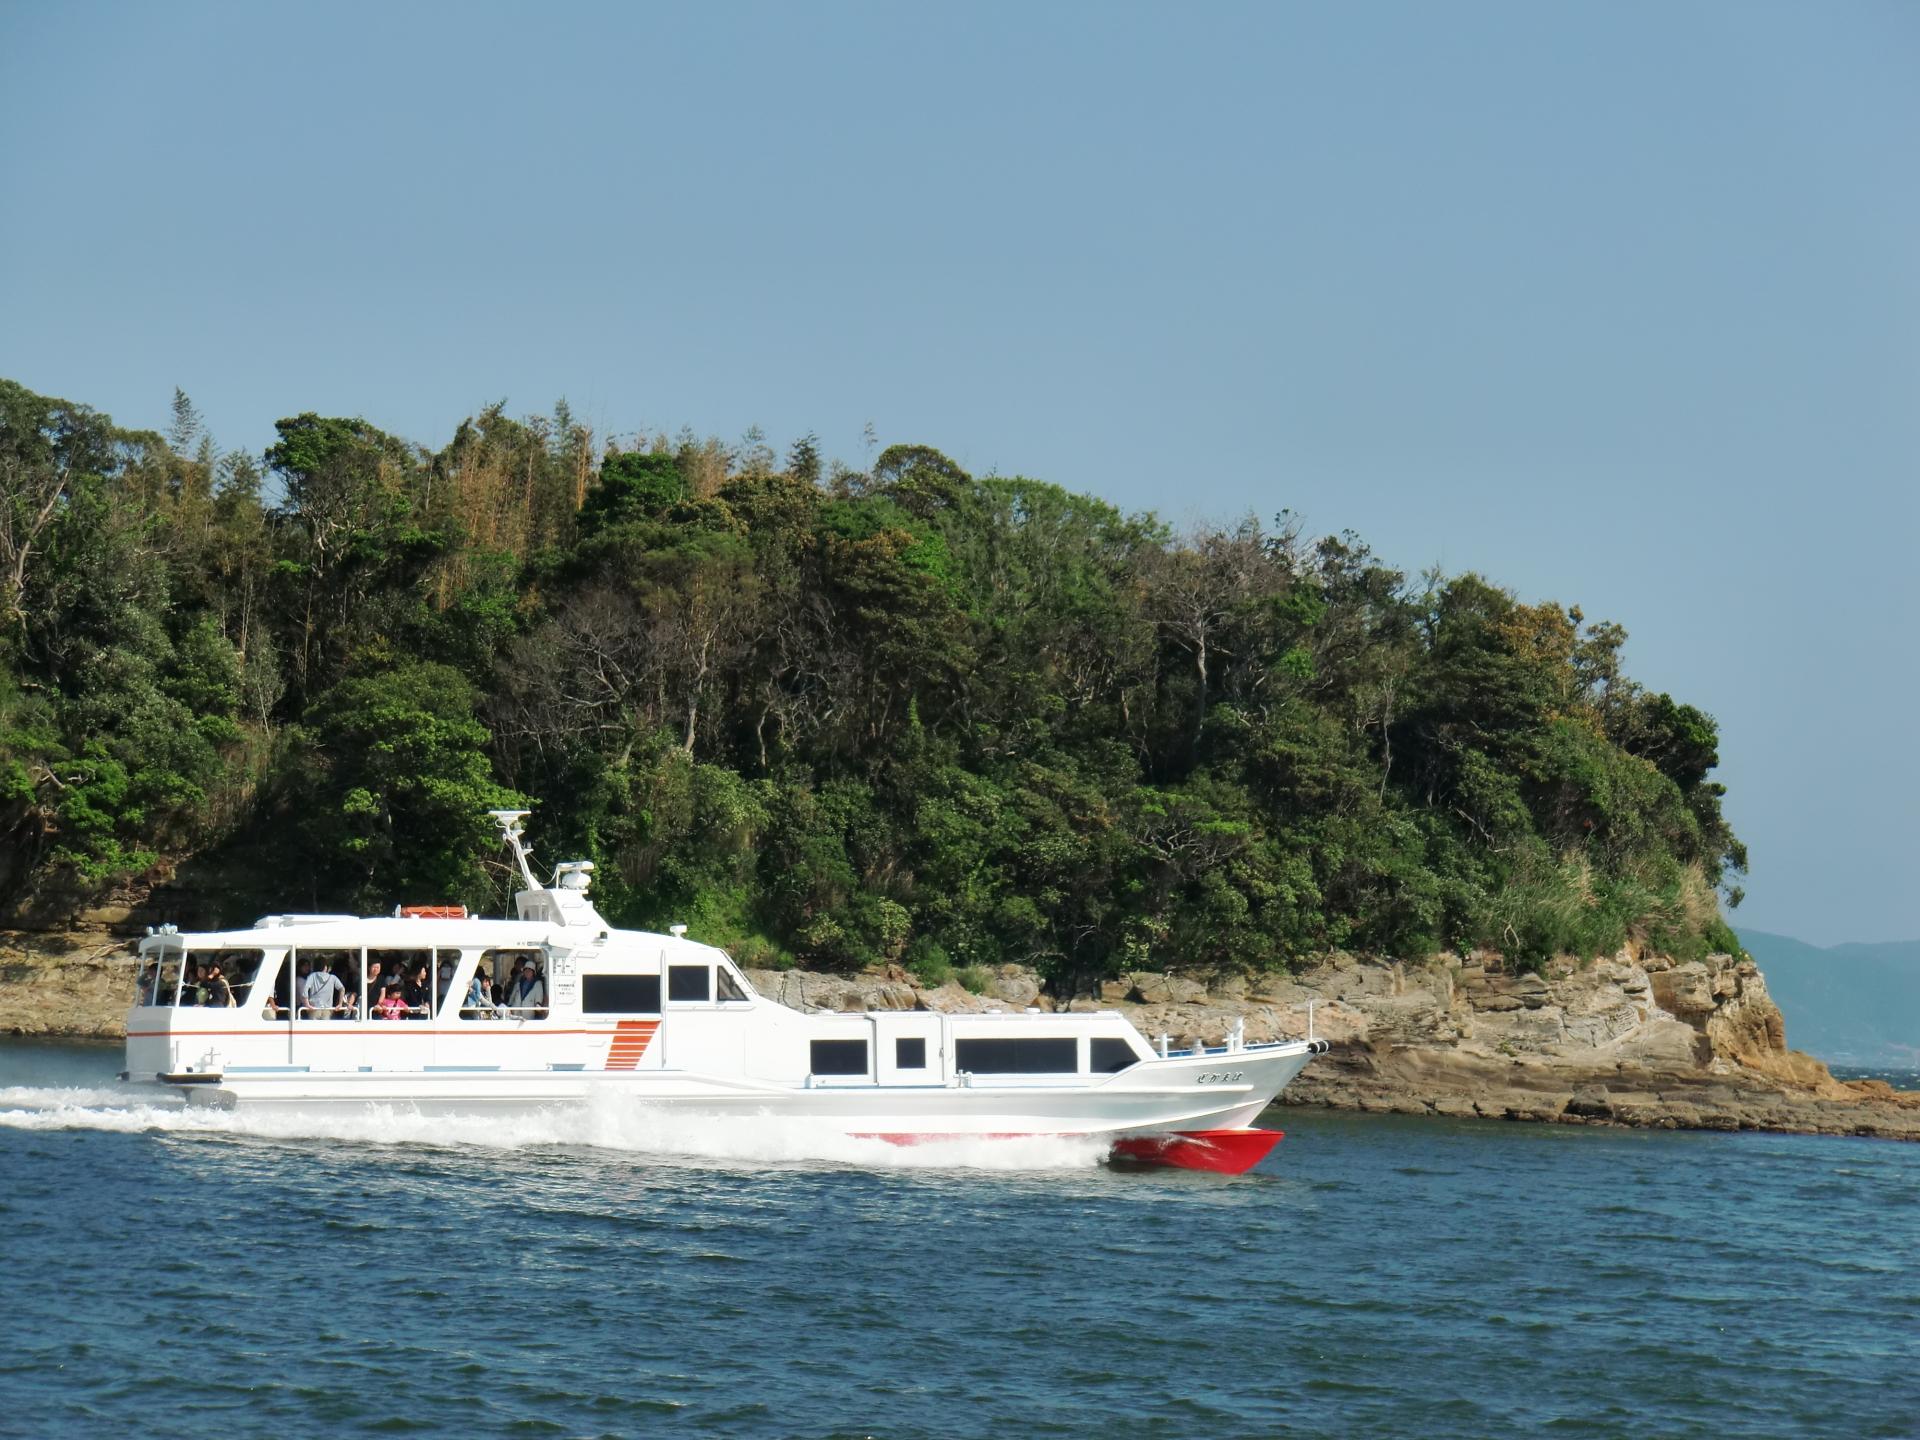 沼島汽船を使って沼島観光を満喫♪料金や乗り場までの行き方は?